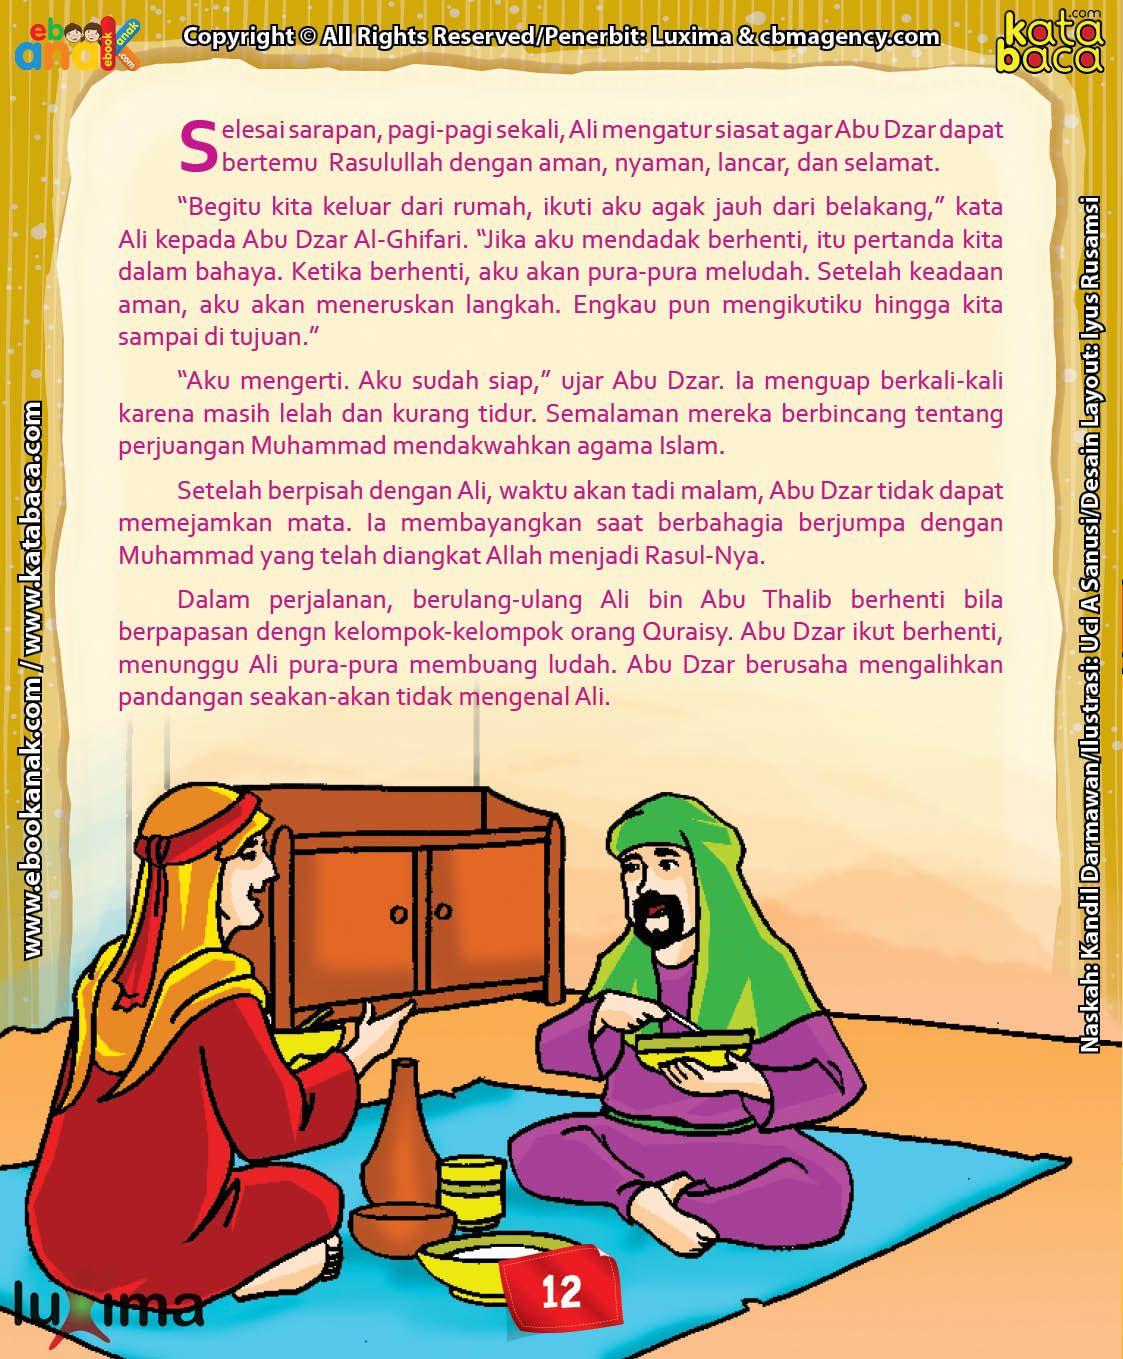 Download Ebook Abu Dzar Al Ghifari Bagaimana Cara Abu Dzar Bertemu Rasulullah Pengikut Pendidikan Membaca